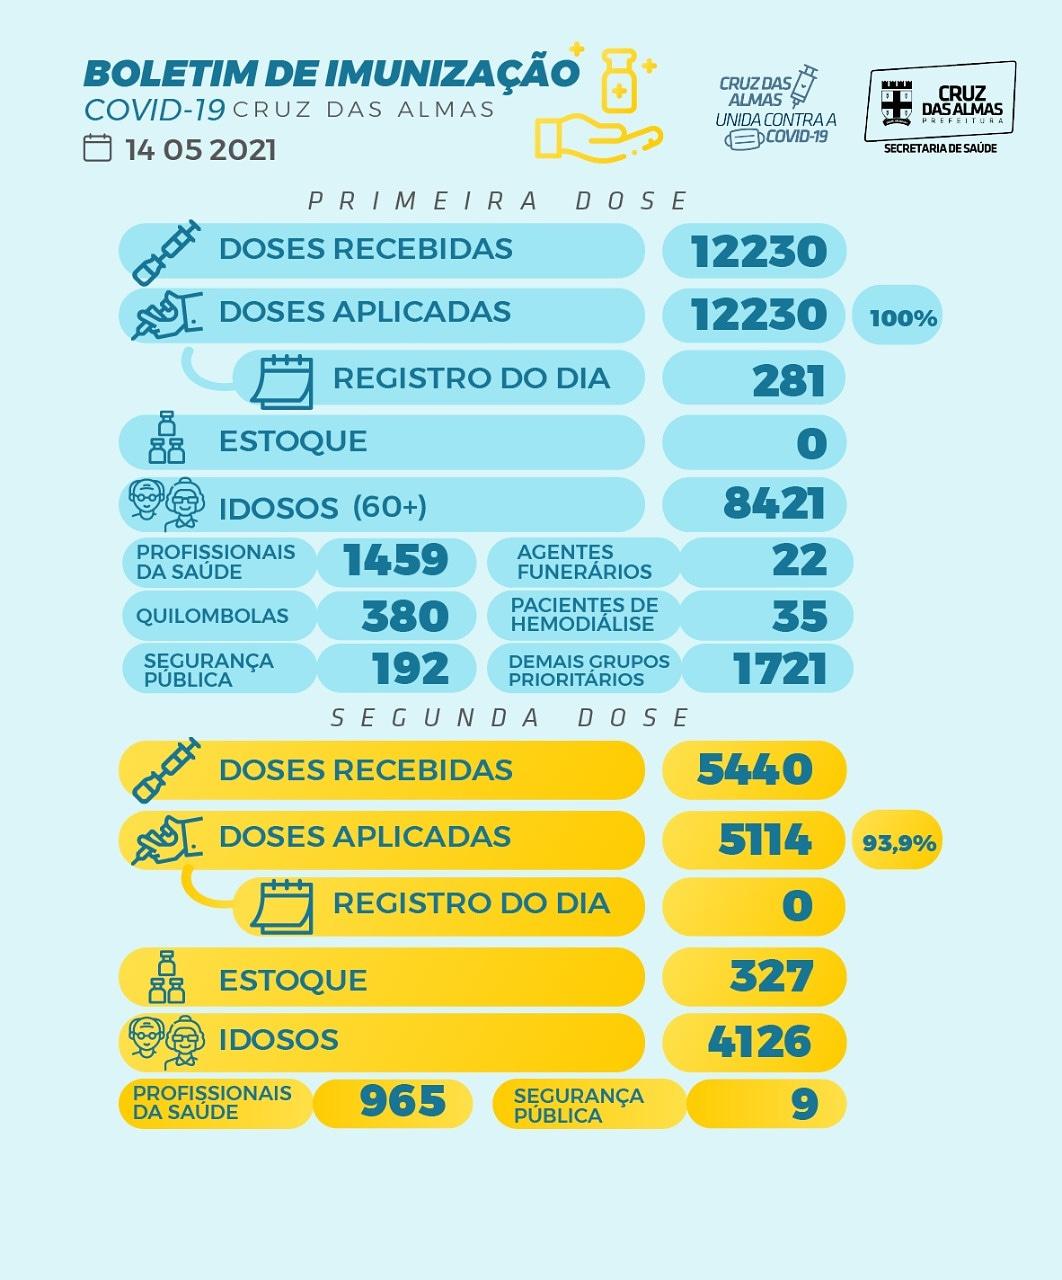 BOLETIM DE IMUNIZAÇÃO 14/05/2021